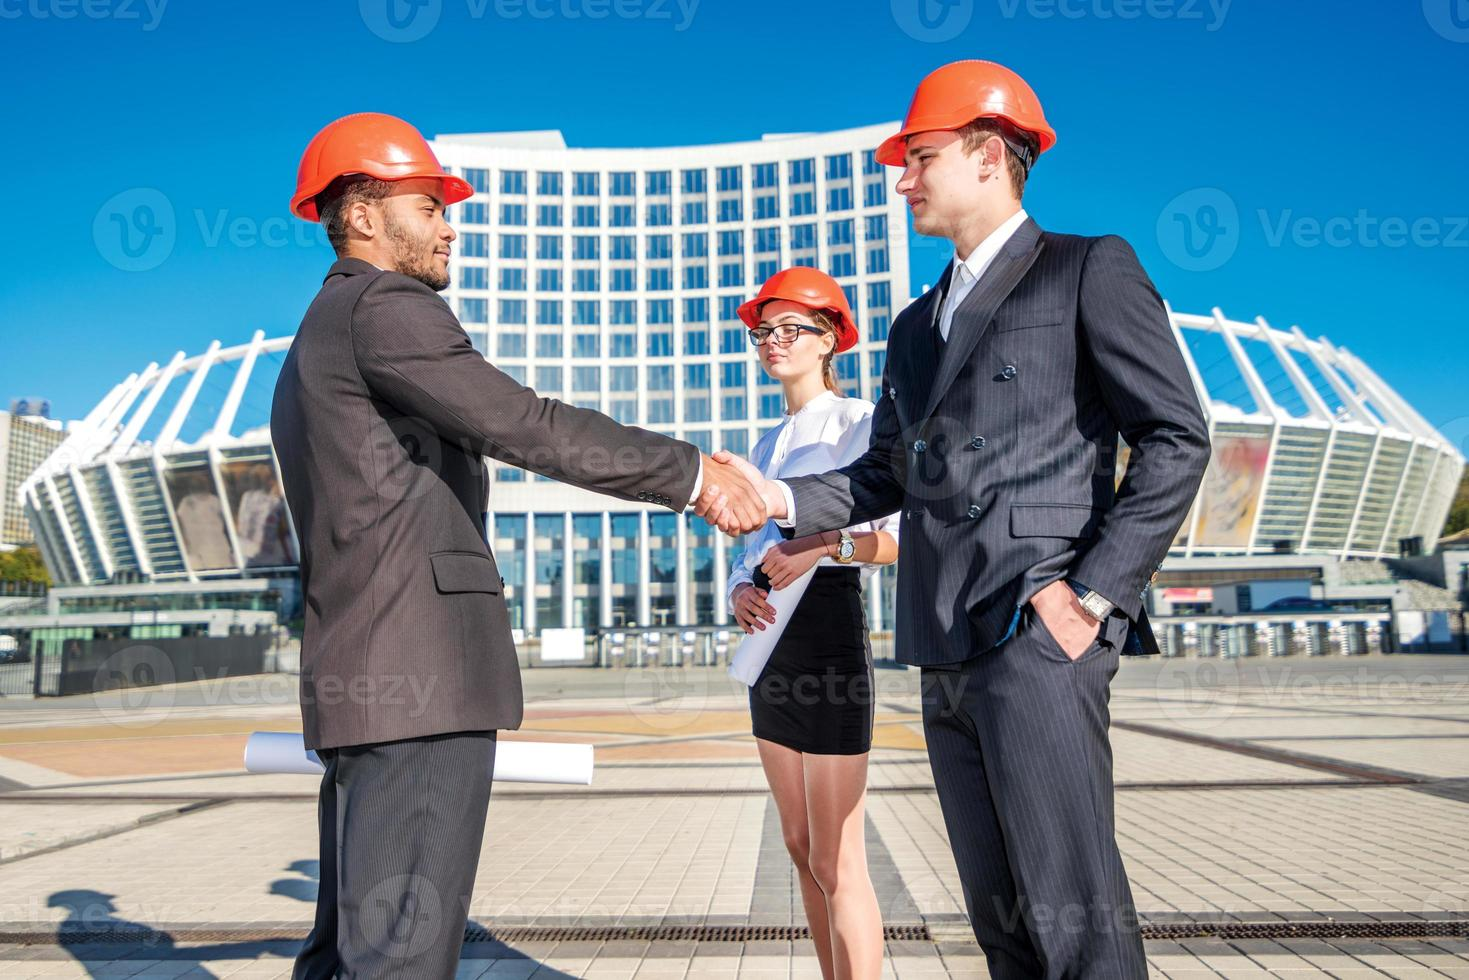 transações de construção nova. architec de negócios confiante foto